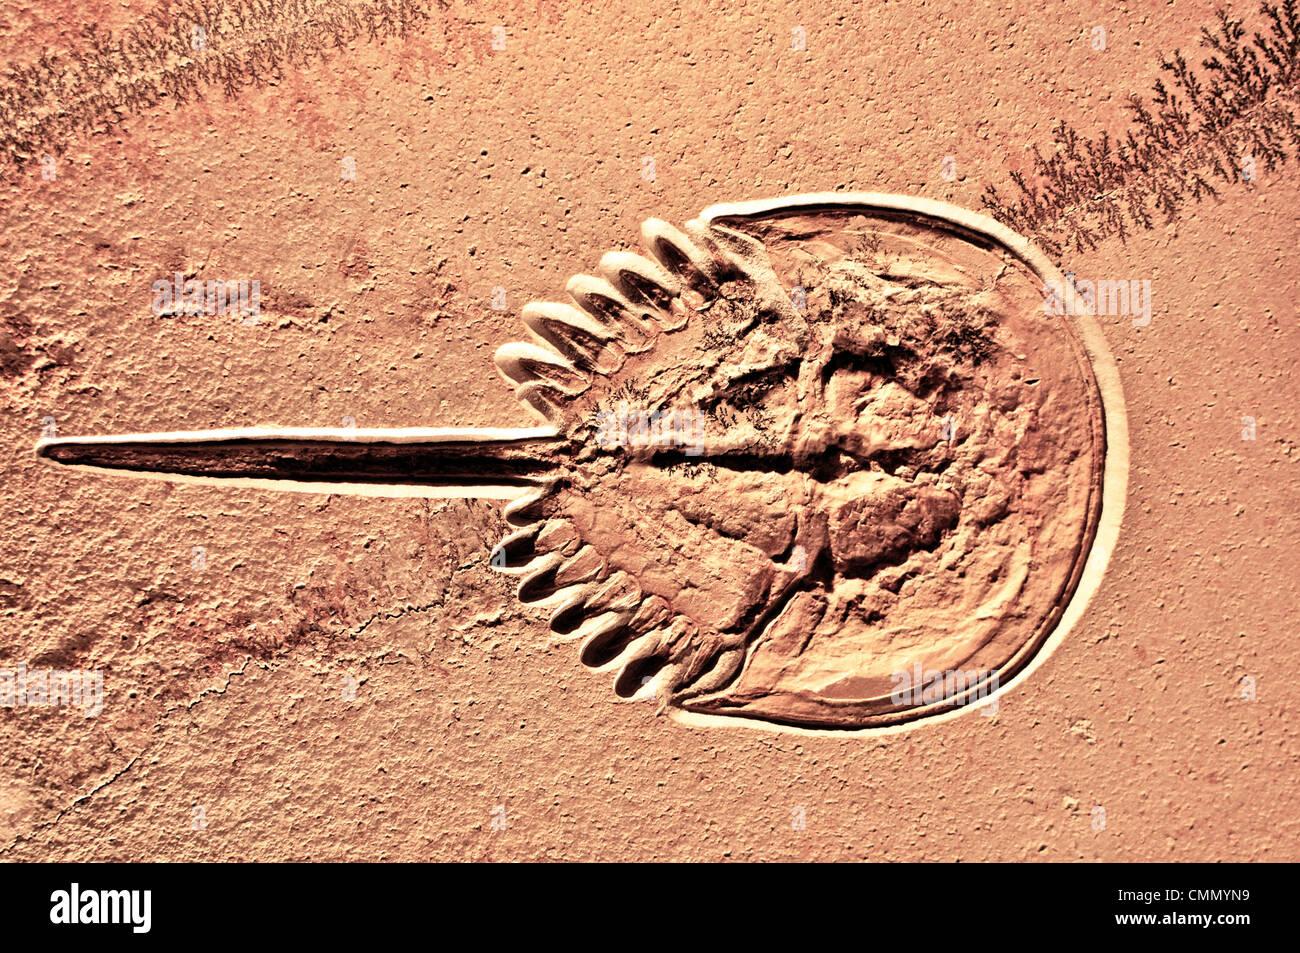 Fosilized granchio a ferro di cavallo. Questi animali sono considerate fossili viventi, in quanto essi non hanno Foto Stock